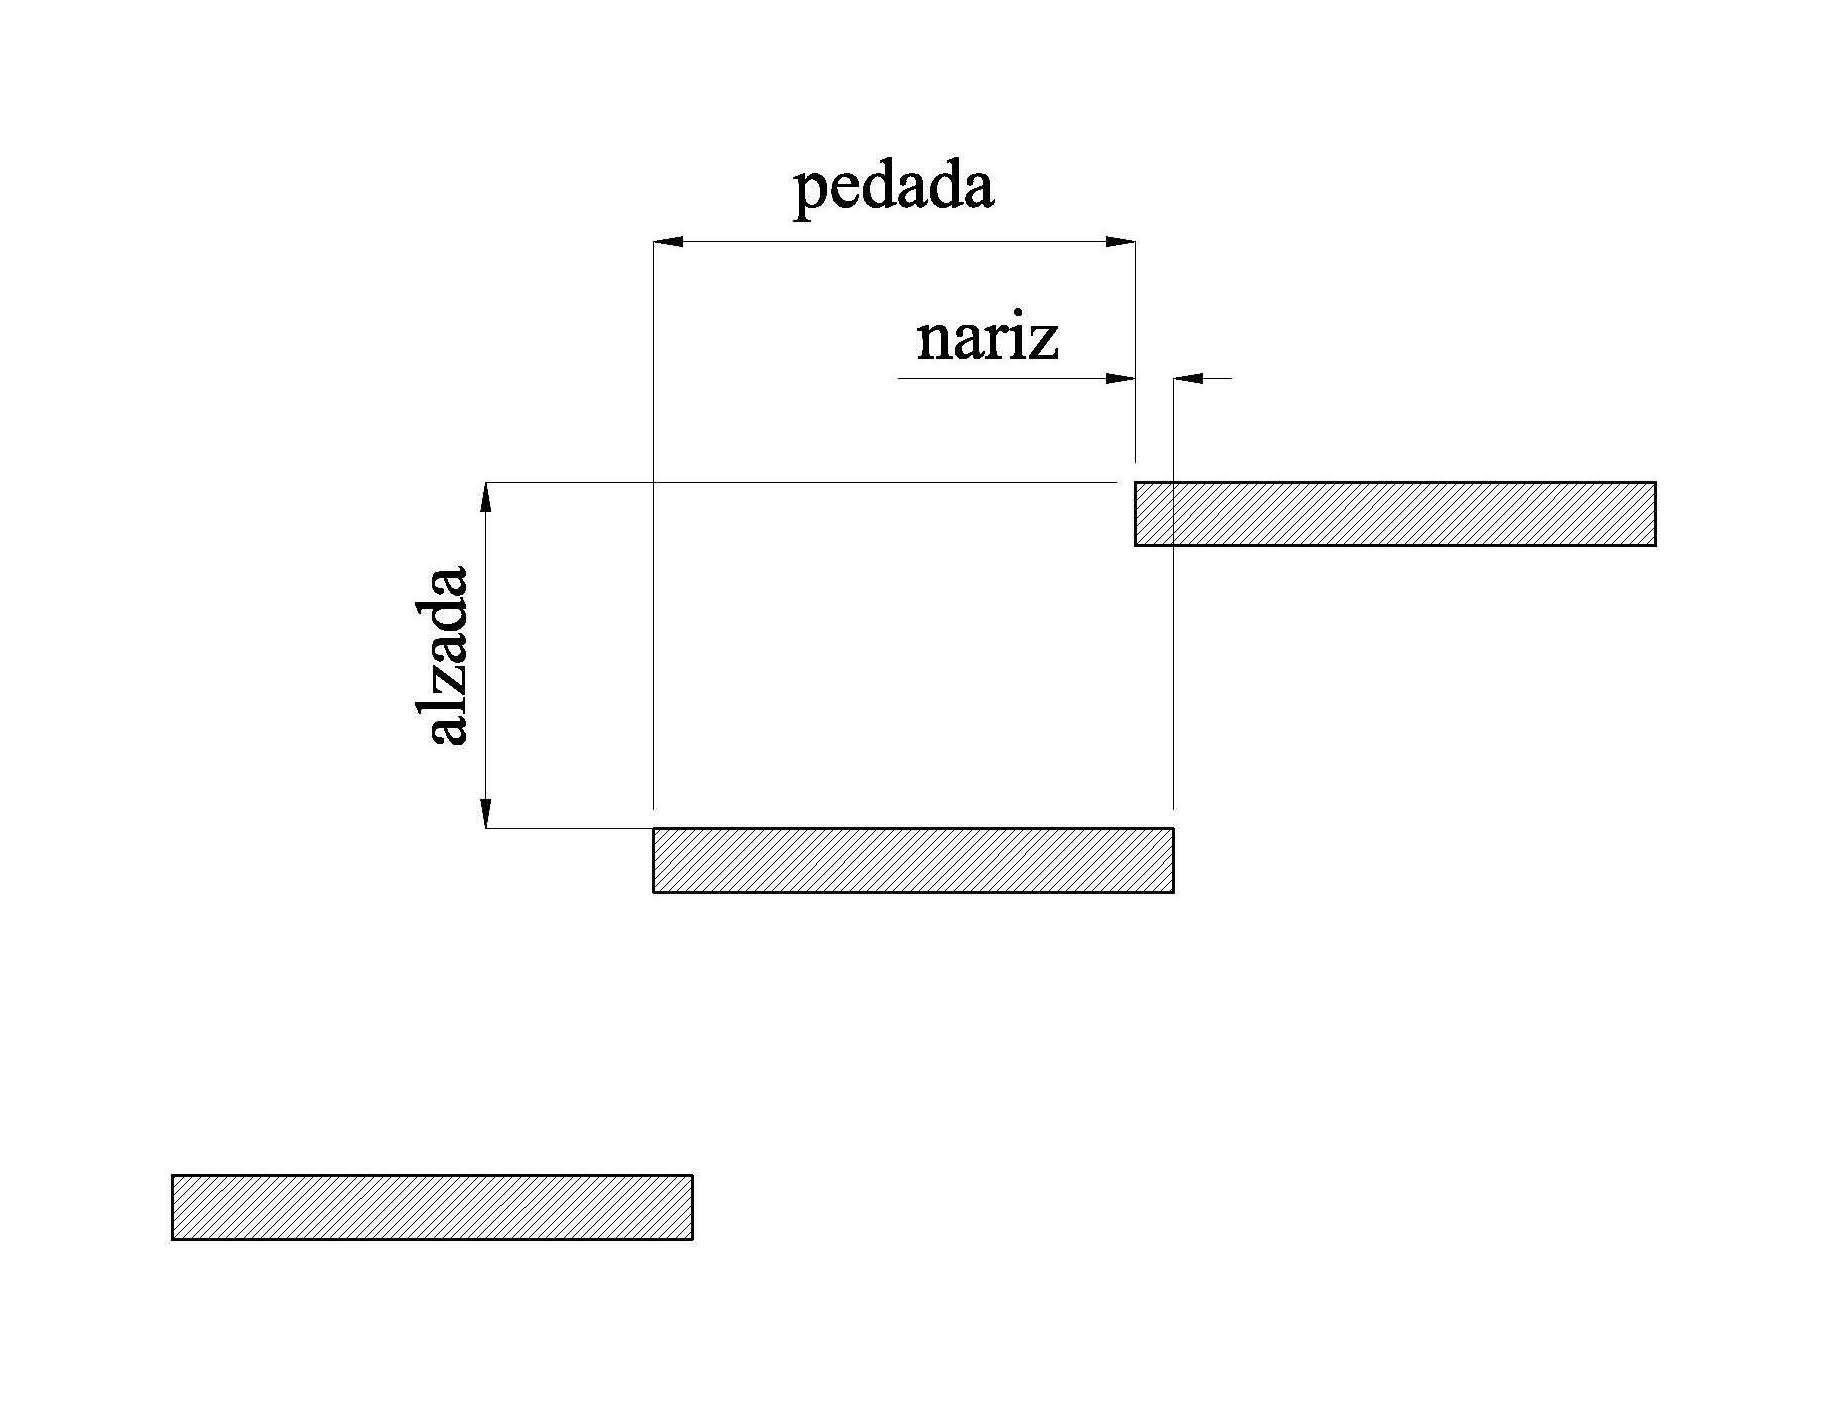 Glosario de t rminos relacionados con las escaleras for Cuantos escalones tiene un piso